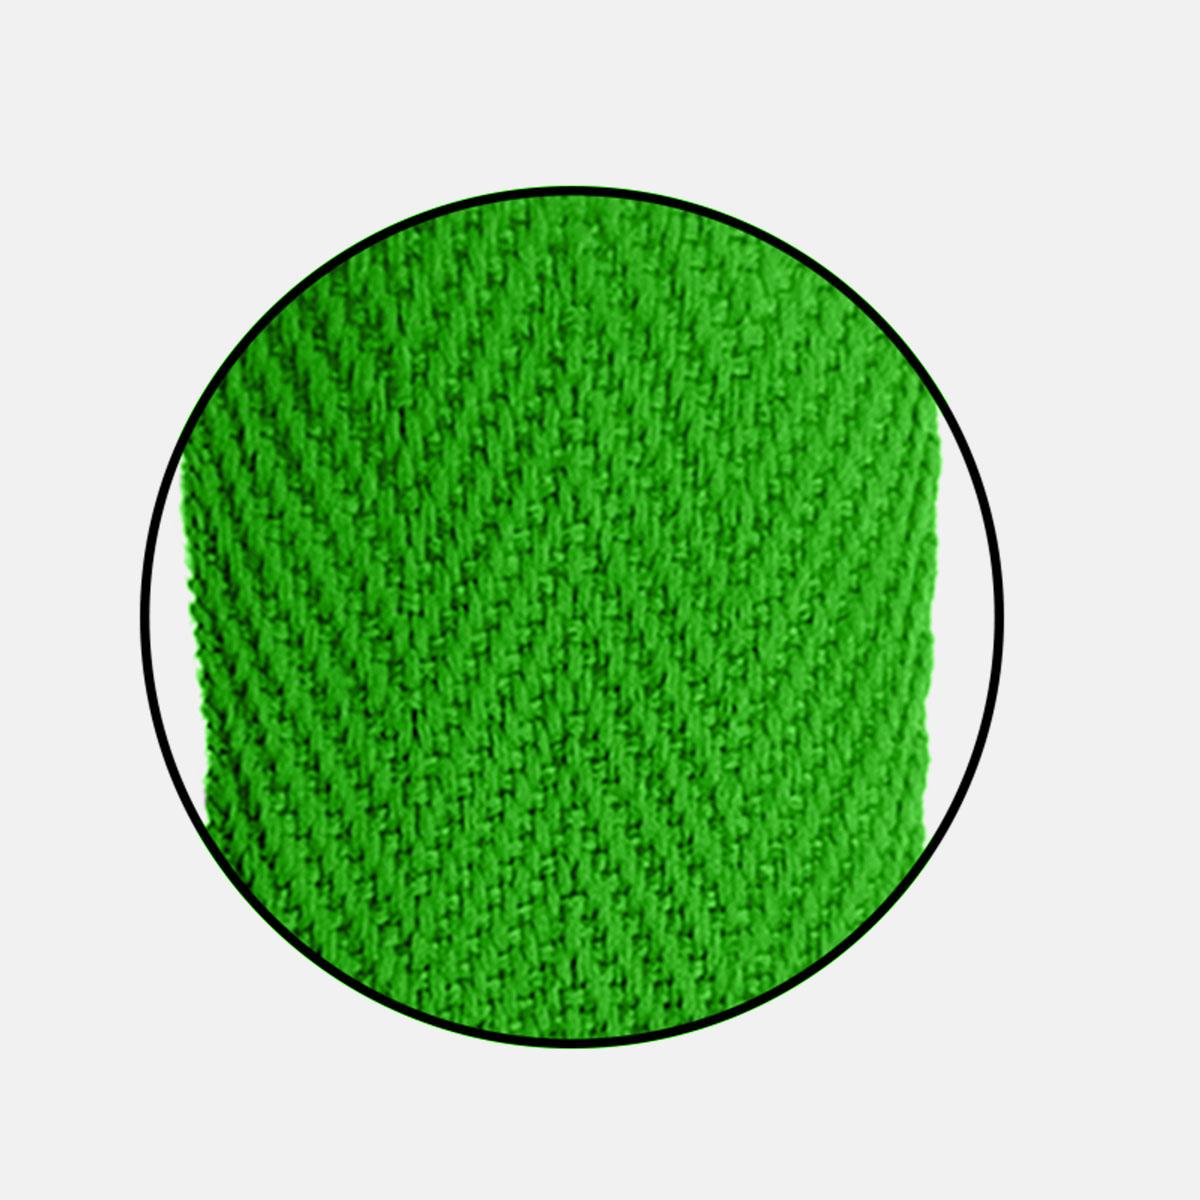 Alça Gorgurão (Escama) 25mm x 60 cm - Com Ponteira de Acetato Cristal (100 unidades)